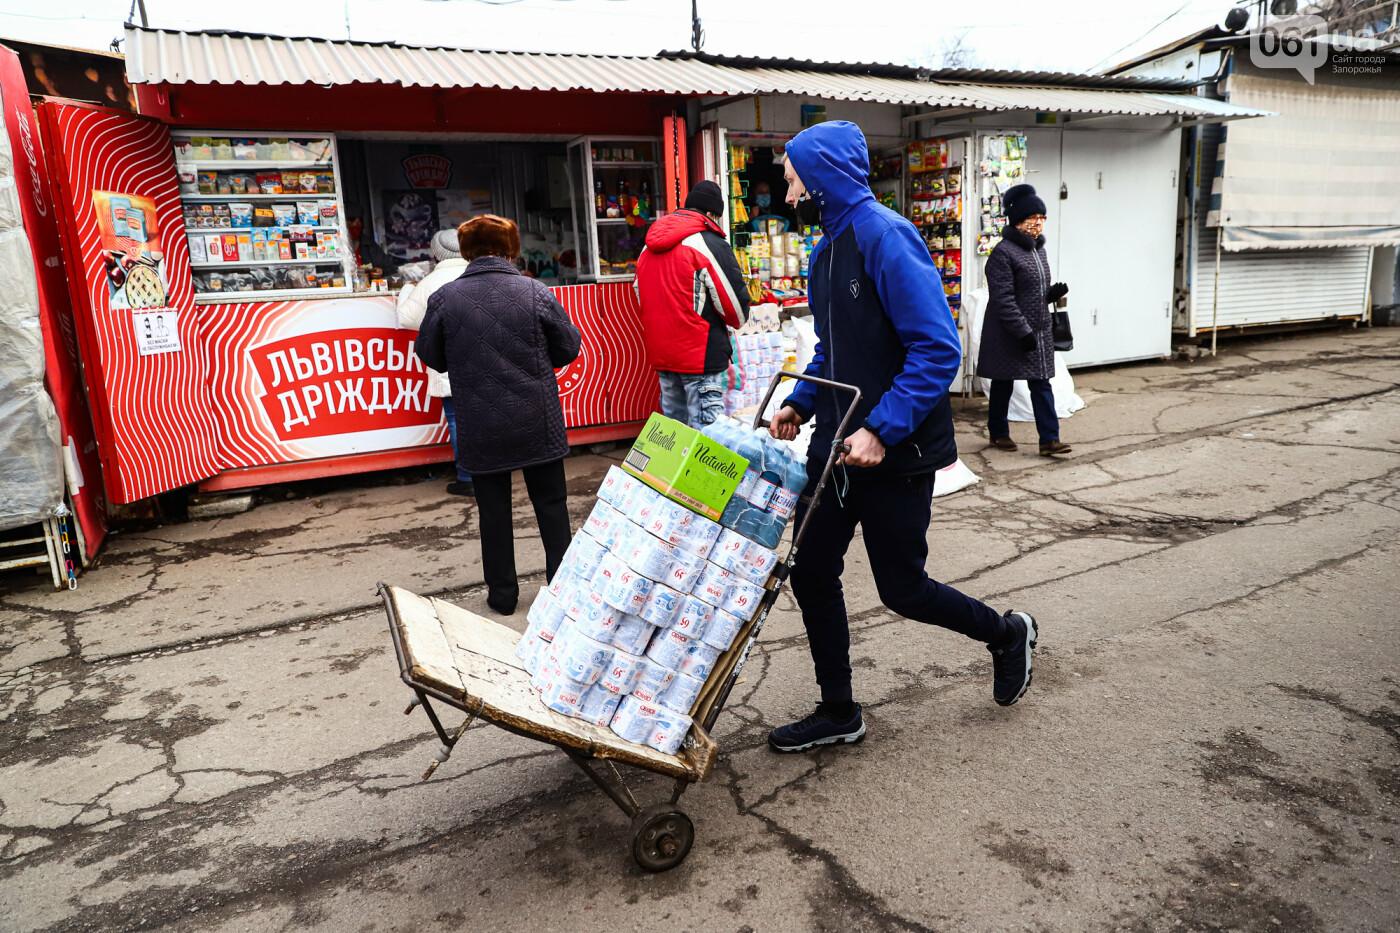 Защитные ленты на товарах, неработающие ТРЦ и полузакрытые рынки – фоторепортаж о первом дне локдауна в Запорожье, фото-12